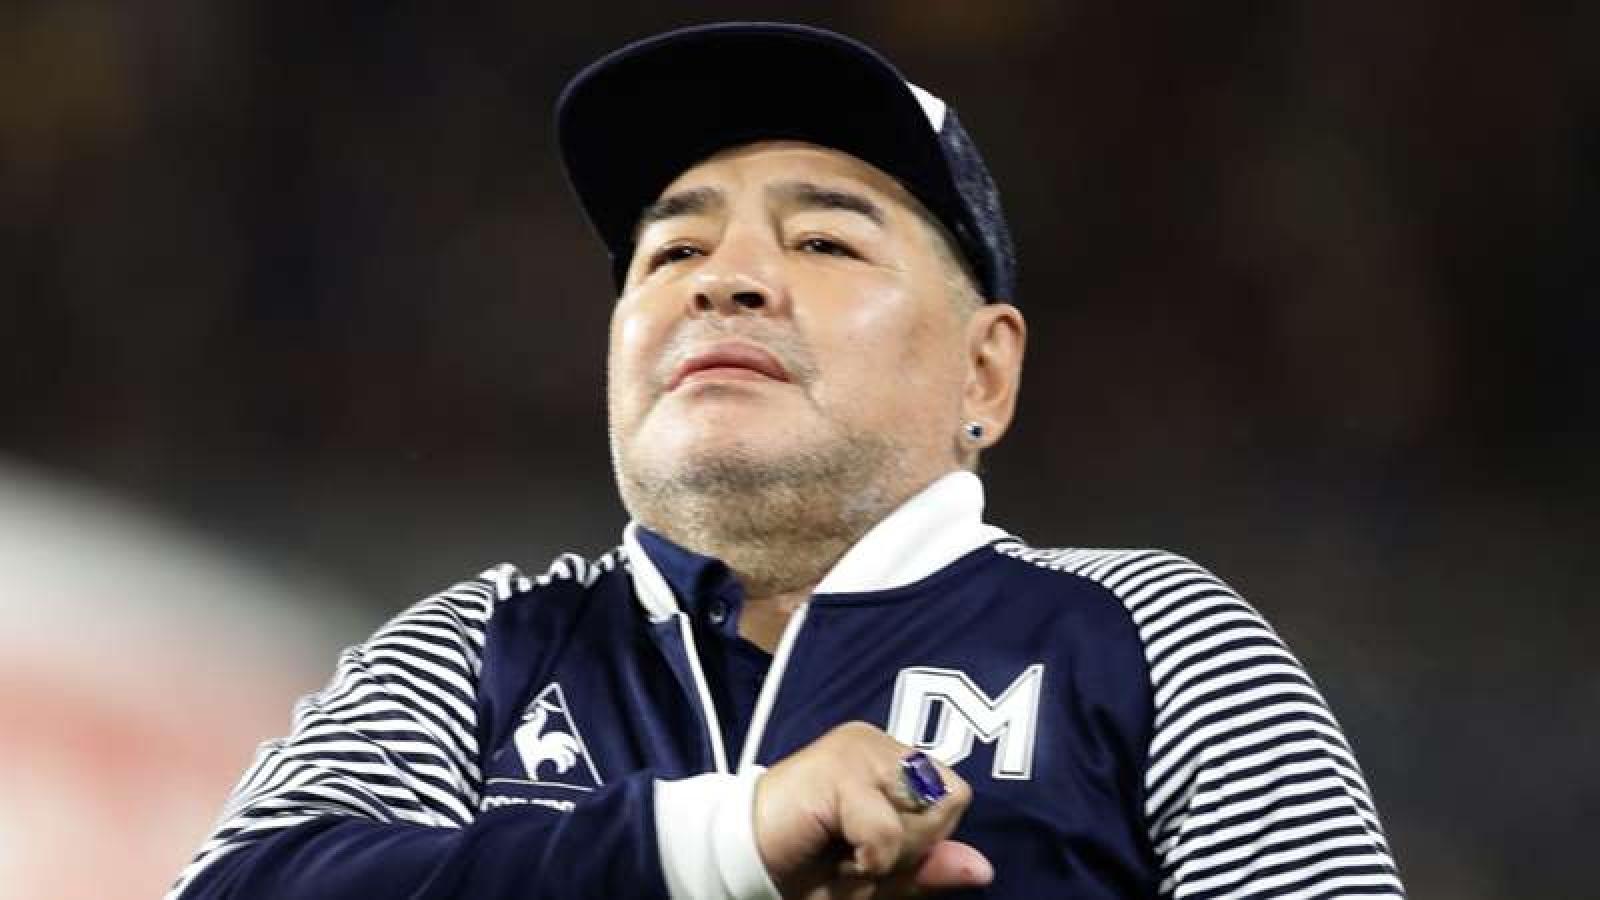 Huyền thoại bóng đá Maradona đột ngột qua đời ở tuổi 60